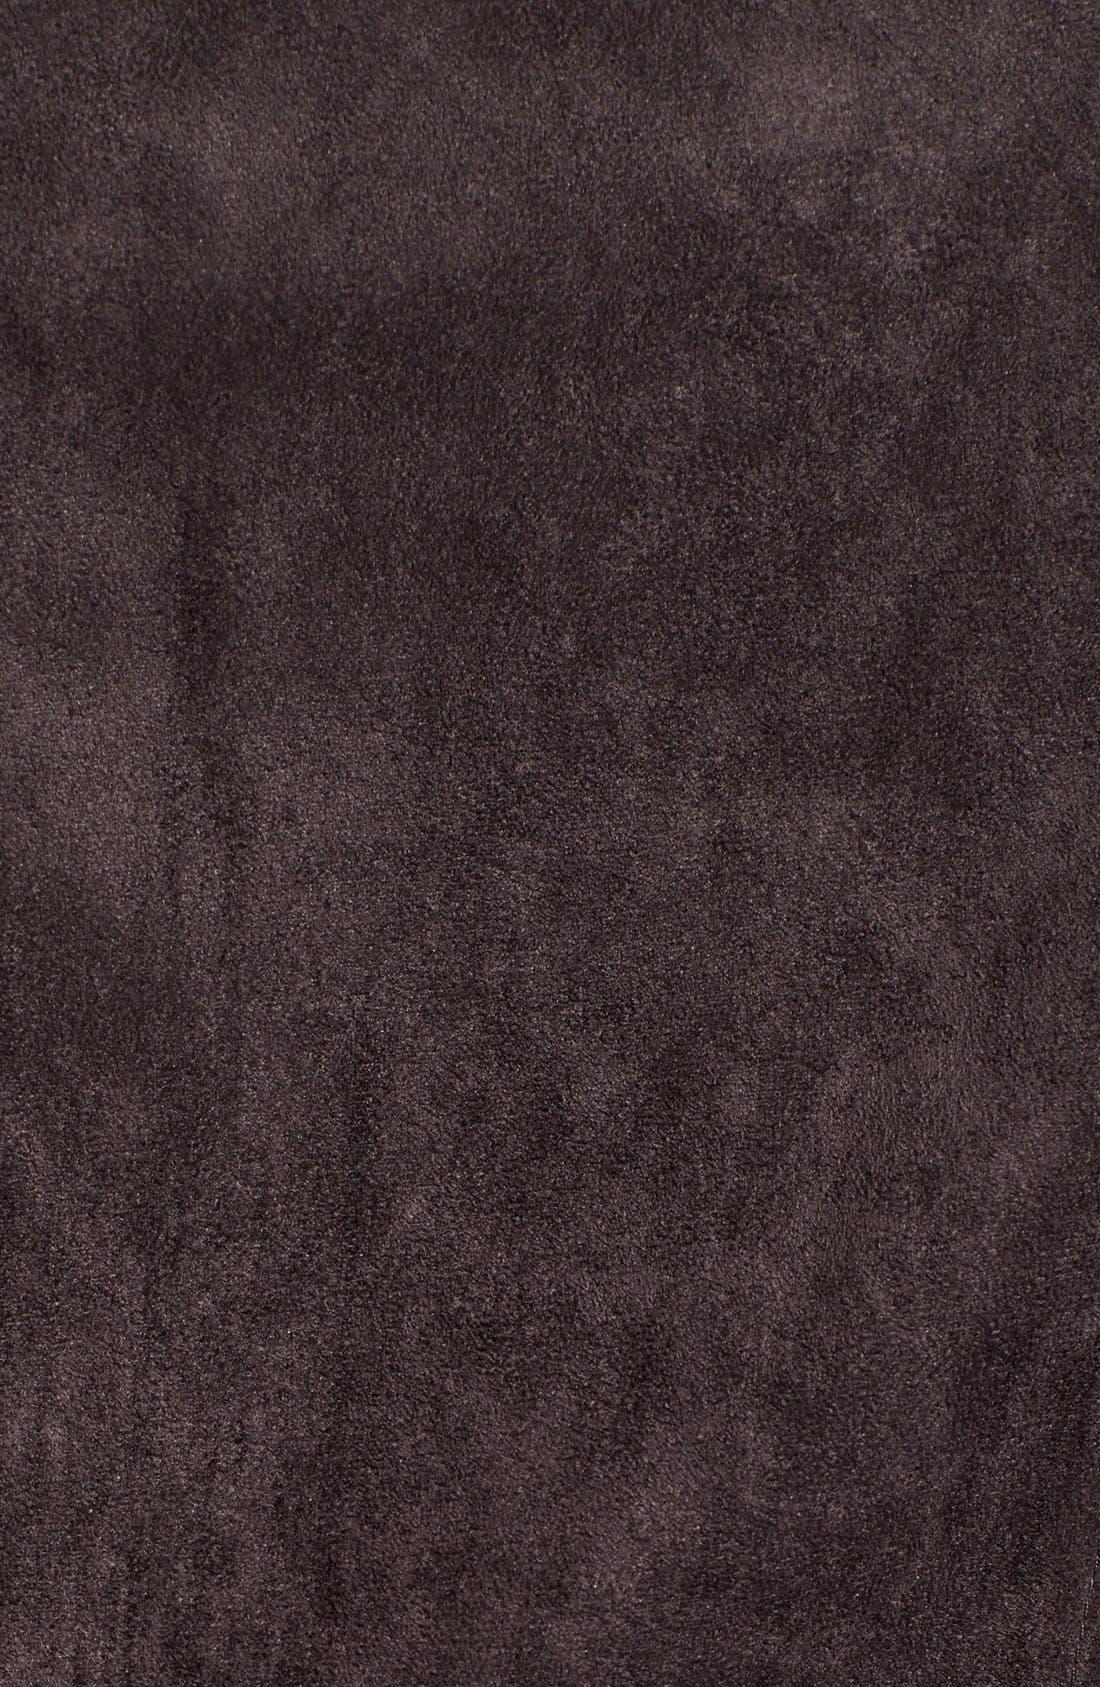 ASTR Faux Suede Moto Jacket,                             Alternate thumbnail 6, color,                             020